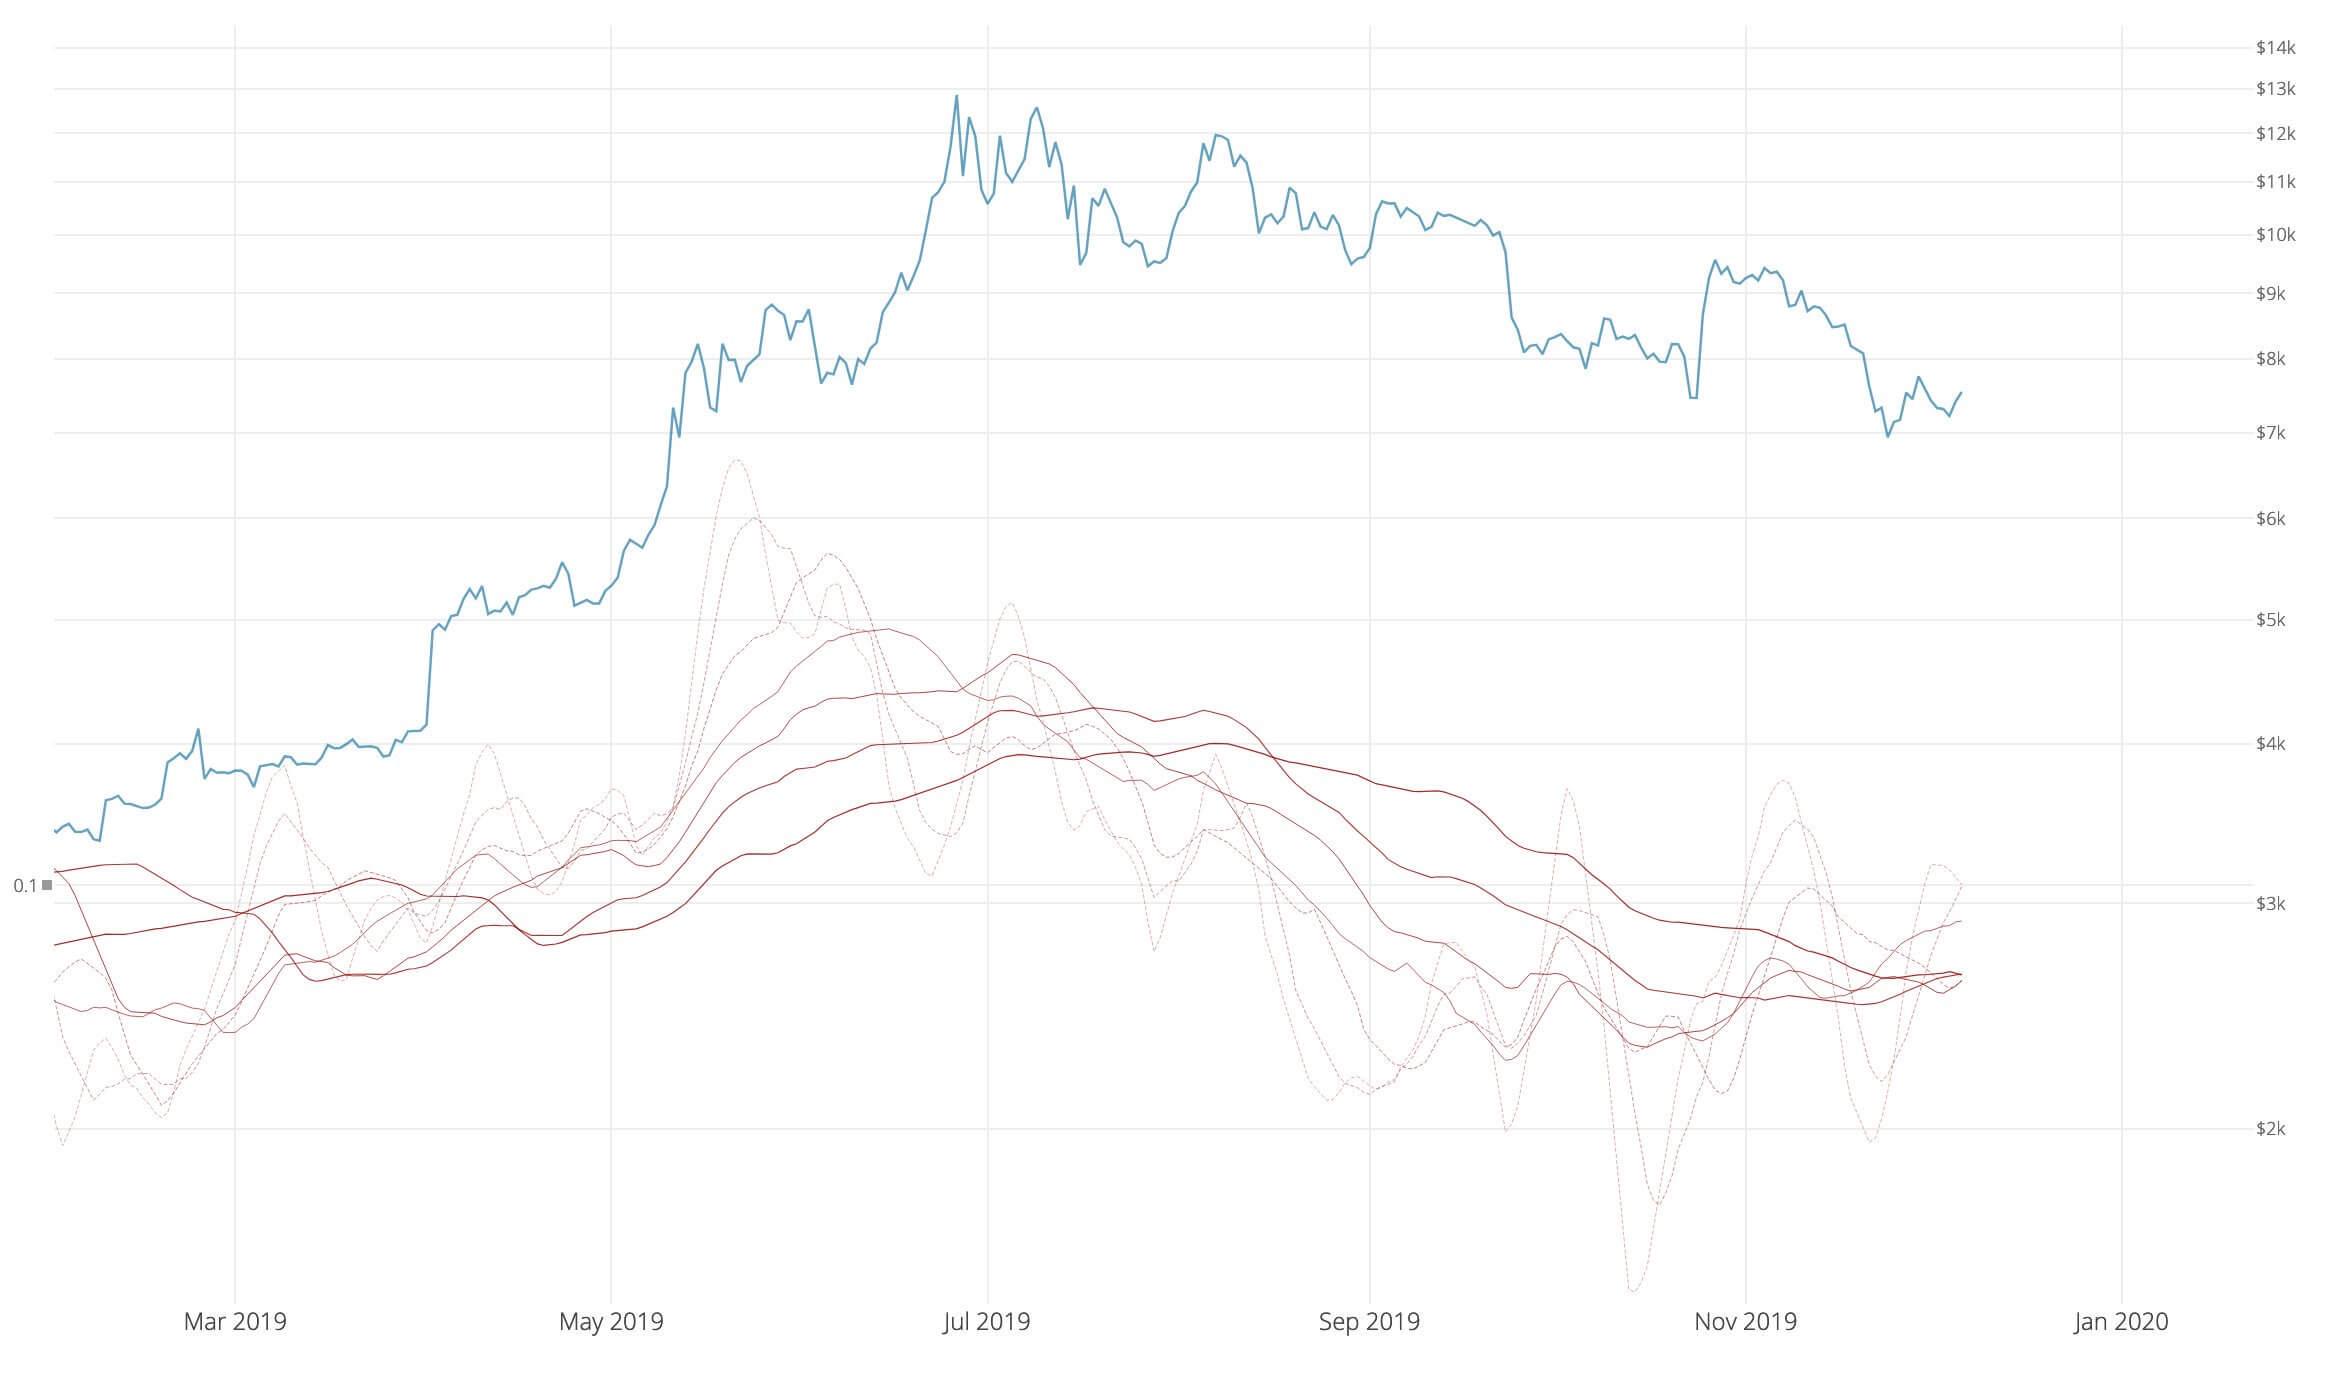 Bitcoin bullish momentum